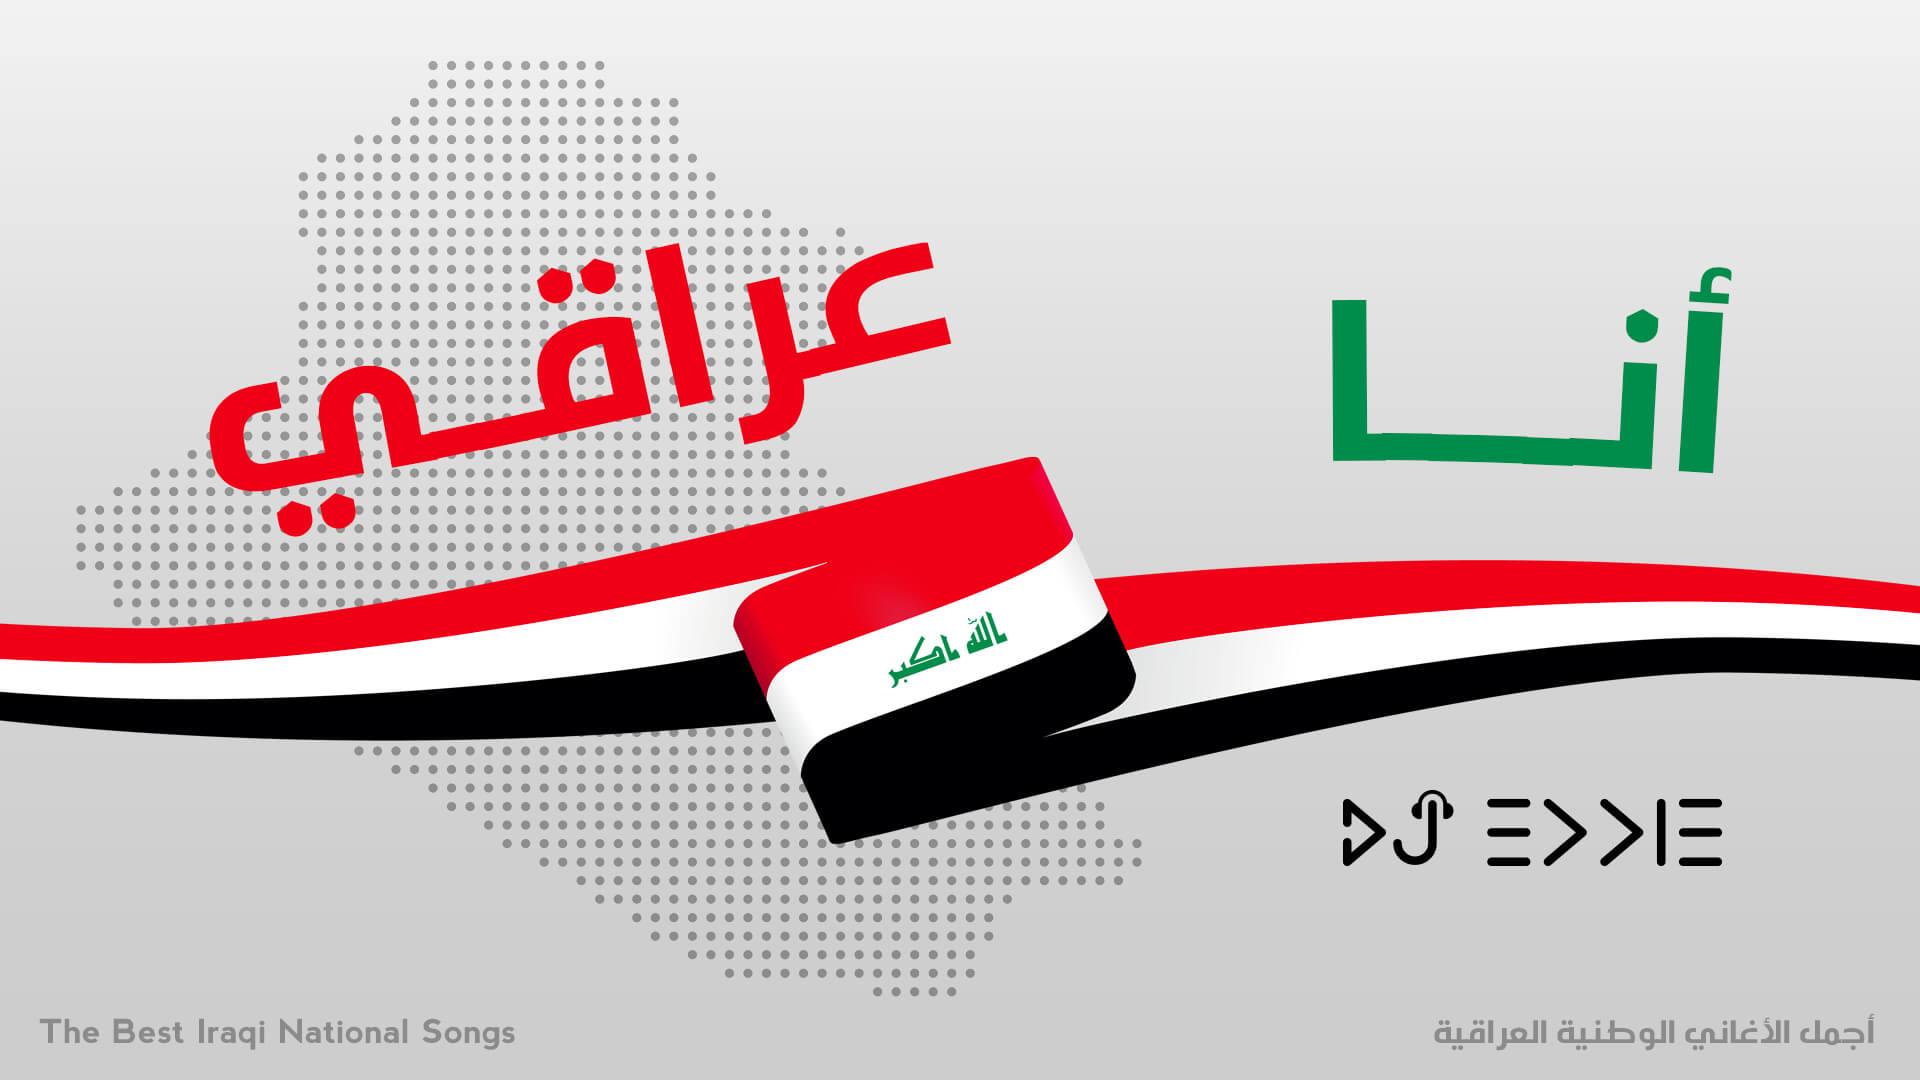 اغاني وطنية للعراق Iraqi National Songs 2019 انا عراقي Ana Iraqi